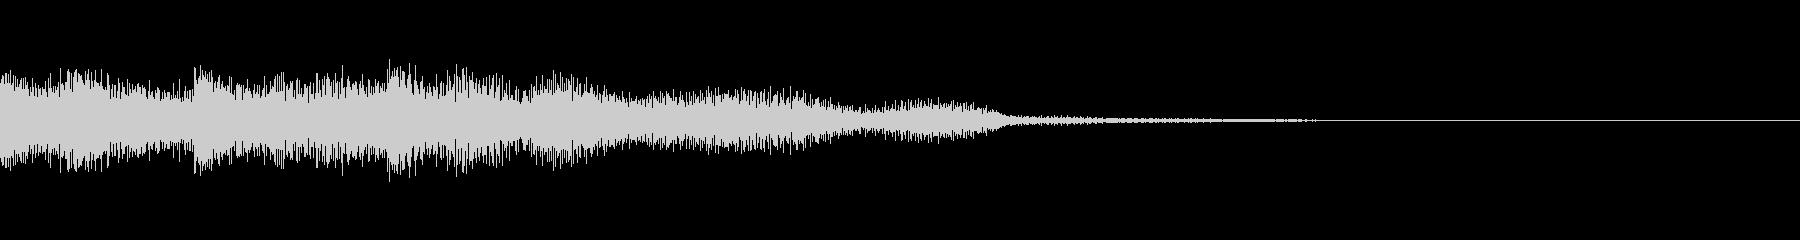 画面転換に使える綺麗なSEの未再生の波形